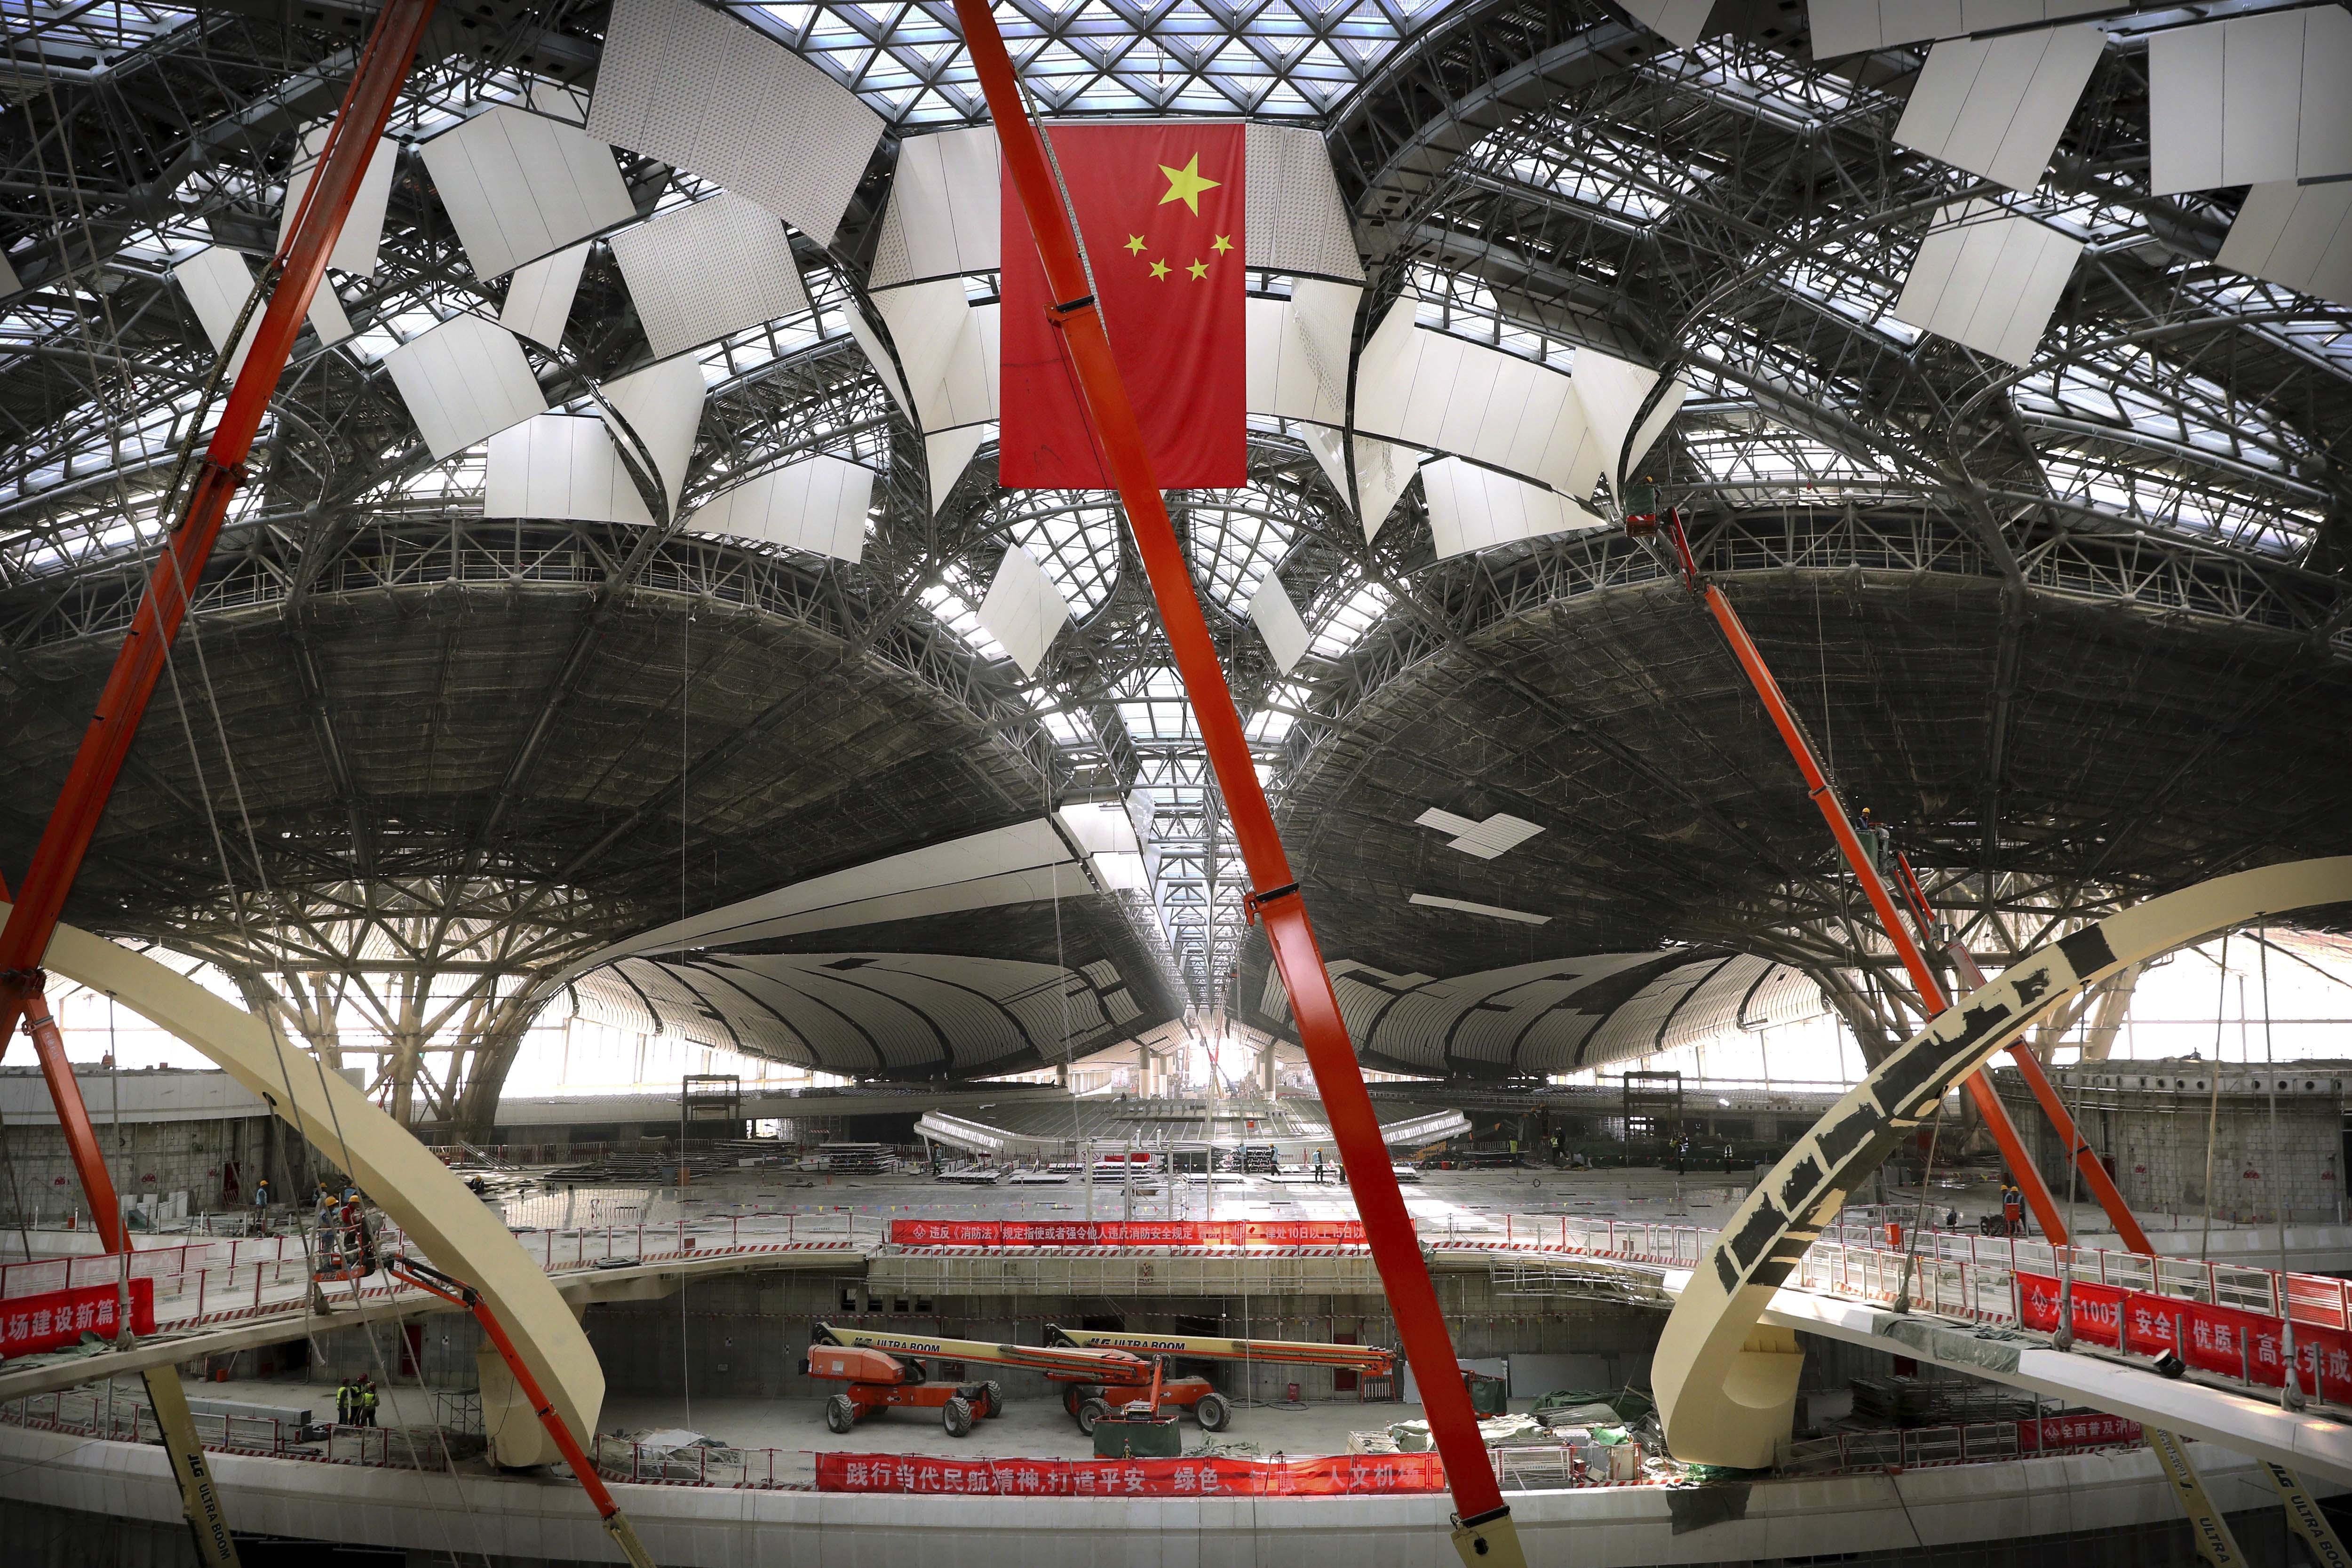 Beijing Daxing International Airport is scheduled to open in 2019